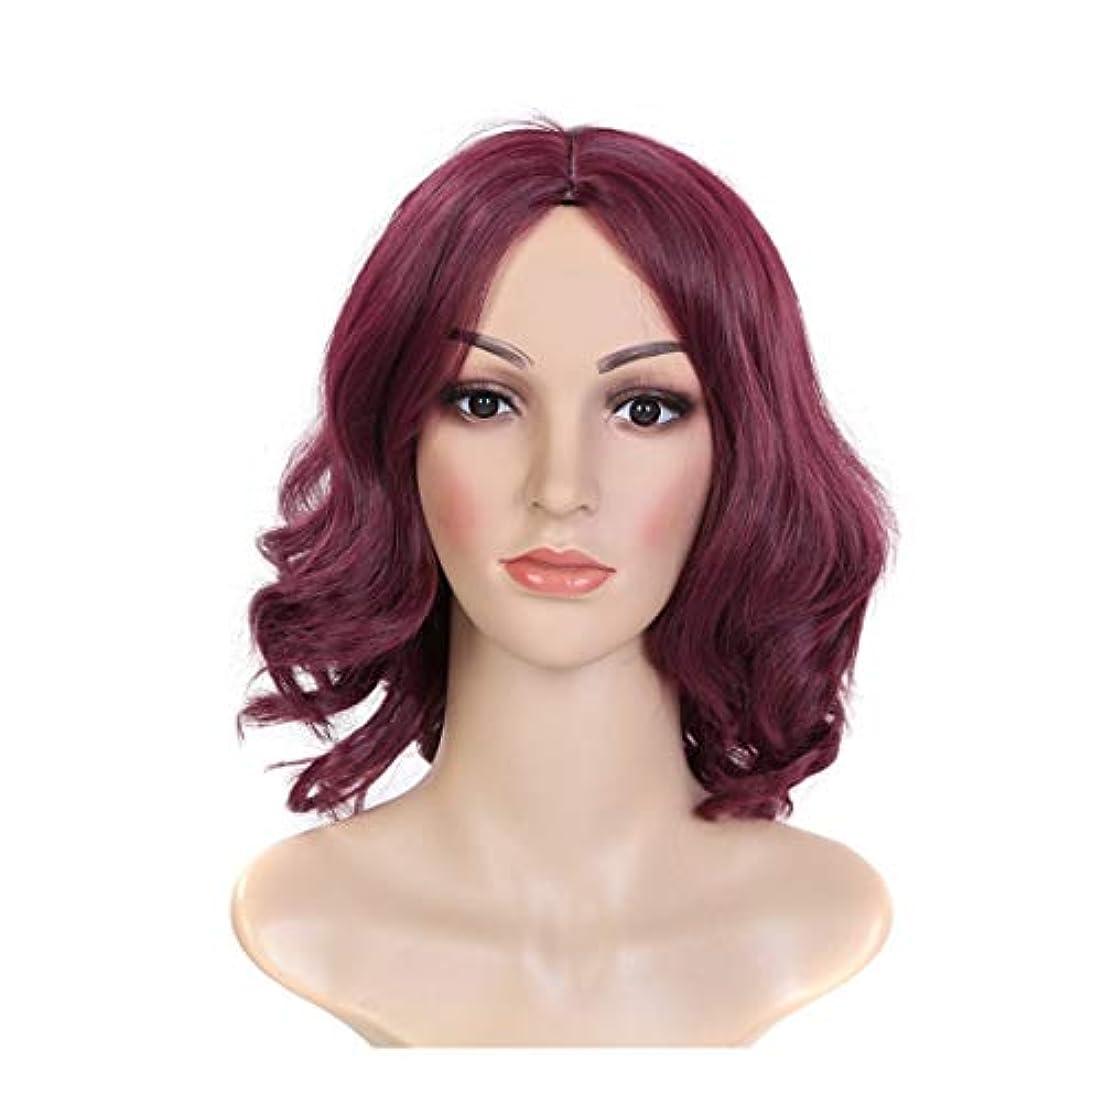 木製バーター違反YOUQIU 女性のかつらのためのワインレッド気質スプリットかつらヘッドギア剃った顔短い巻き毛のかつら (色 : Red wine)